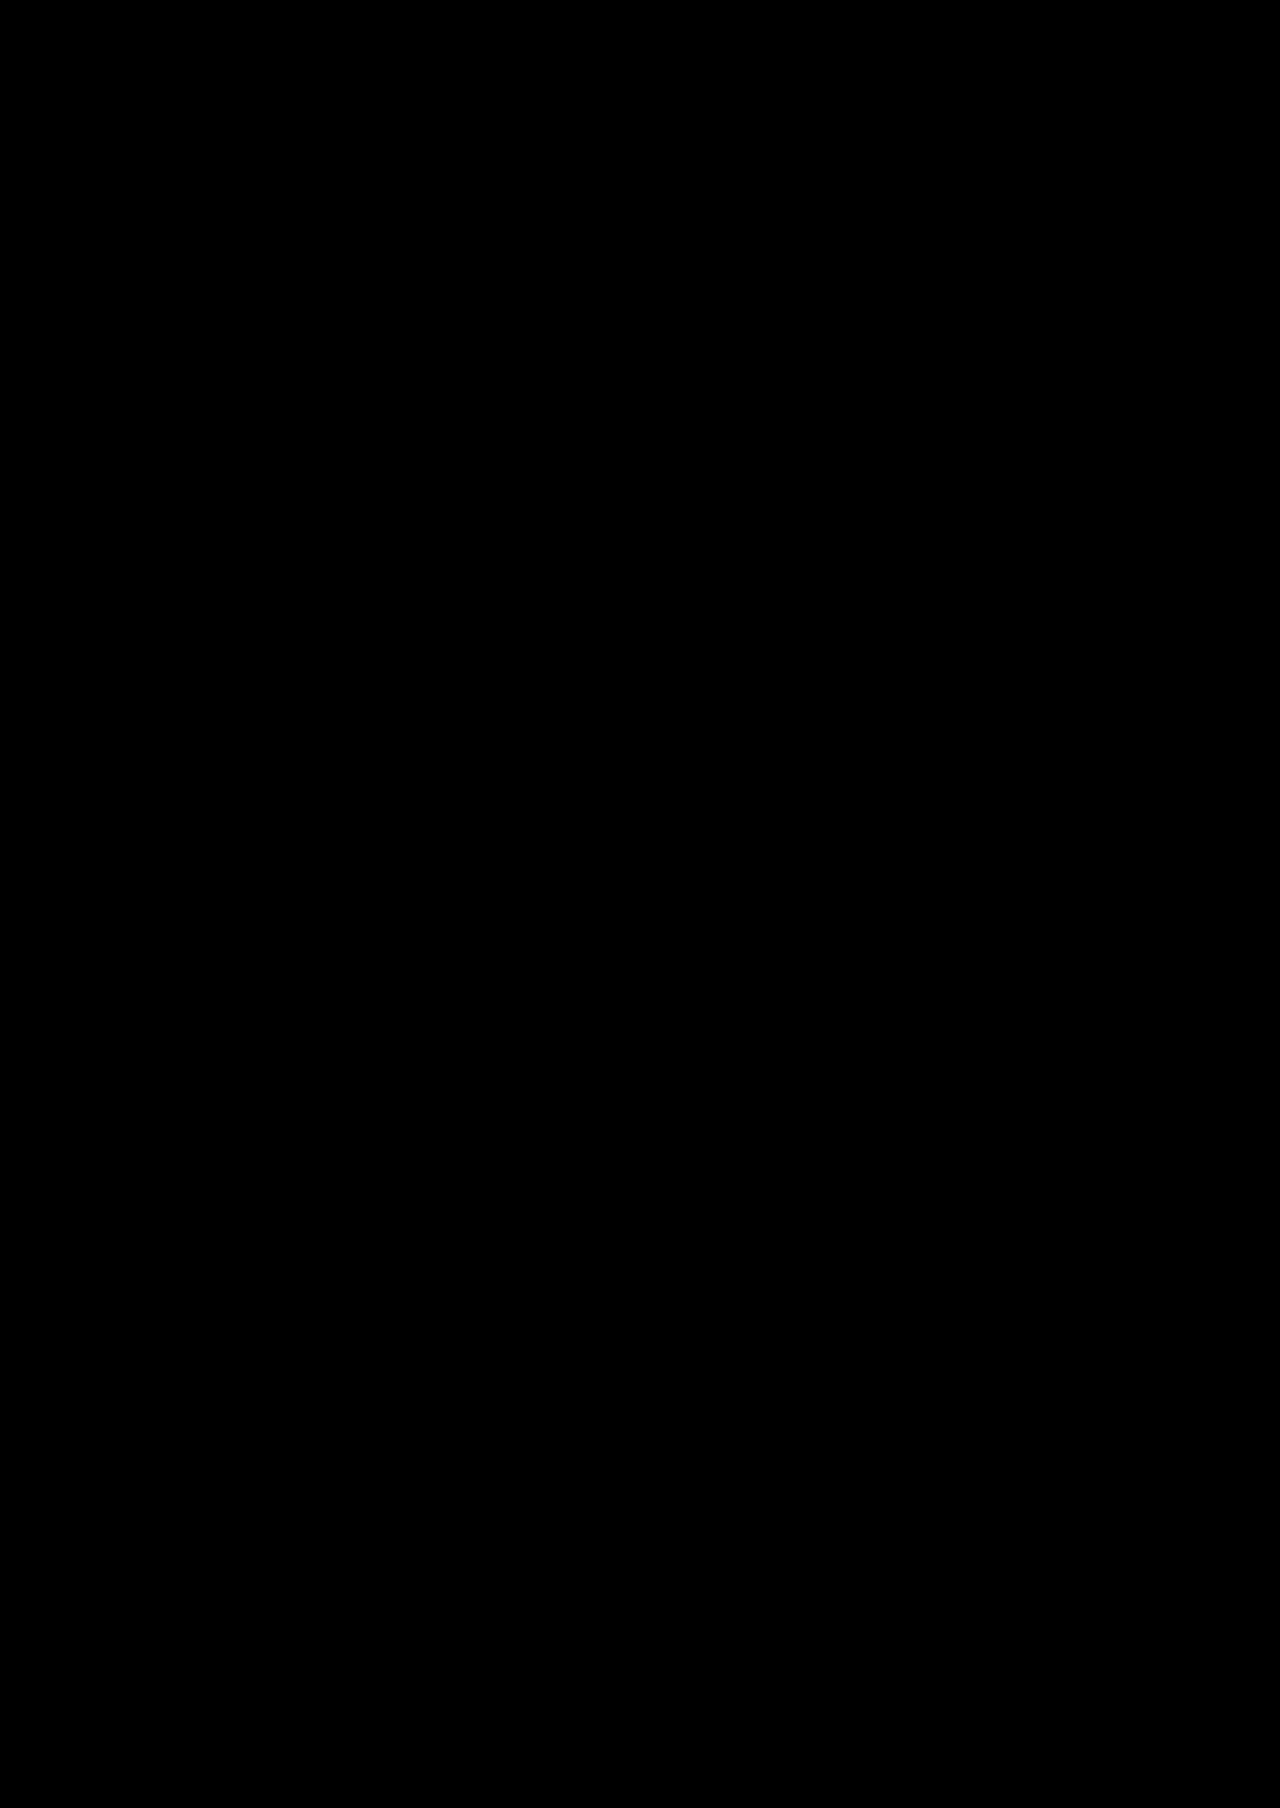 Himitsu 3 29